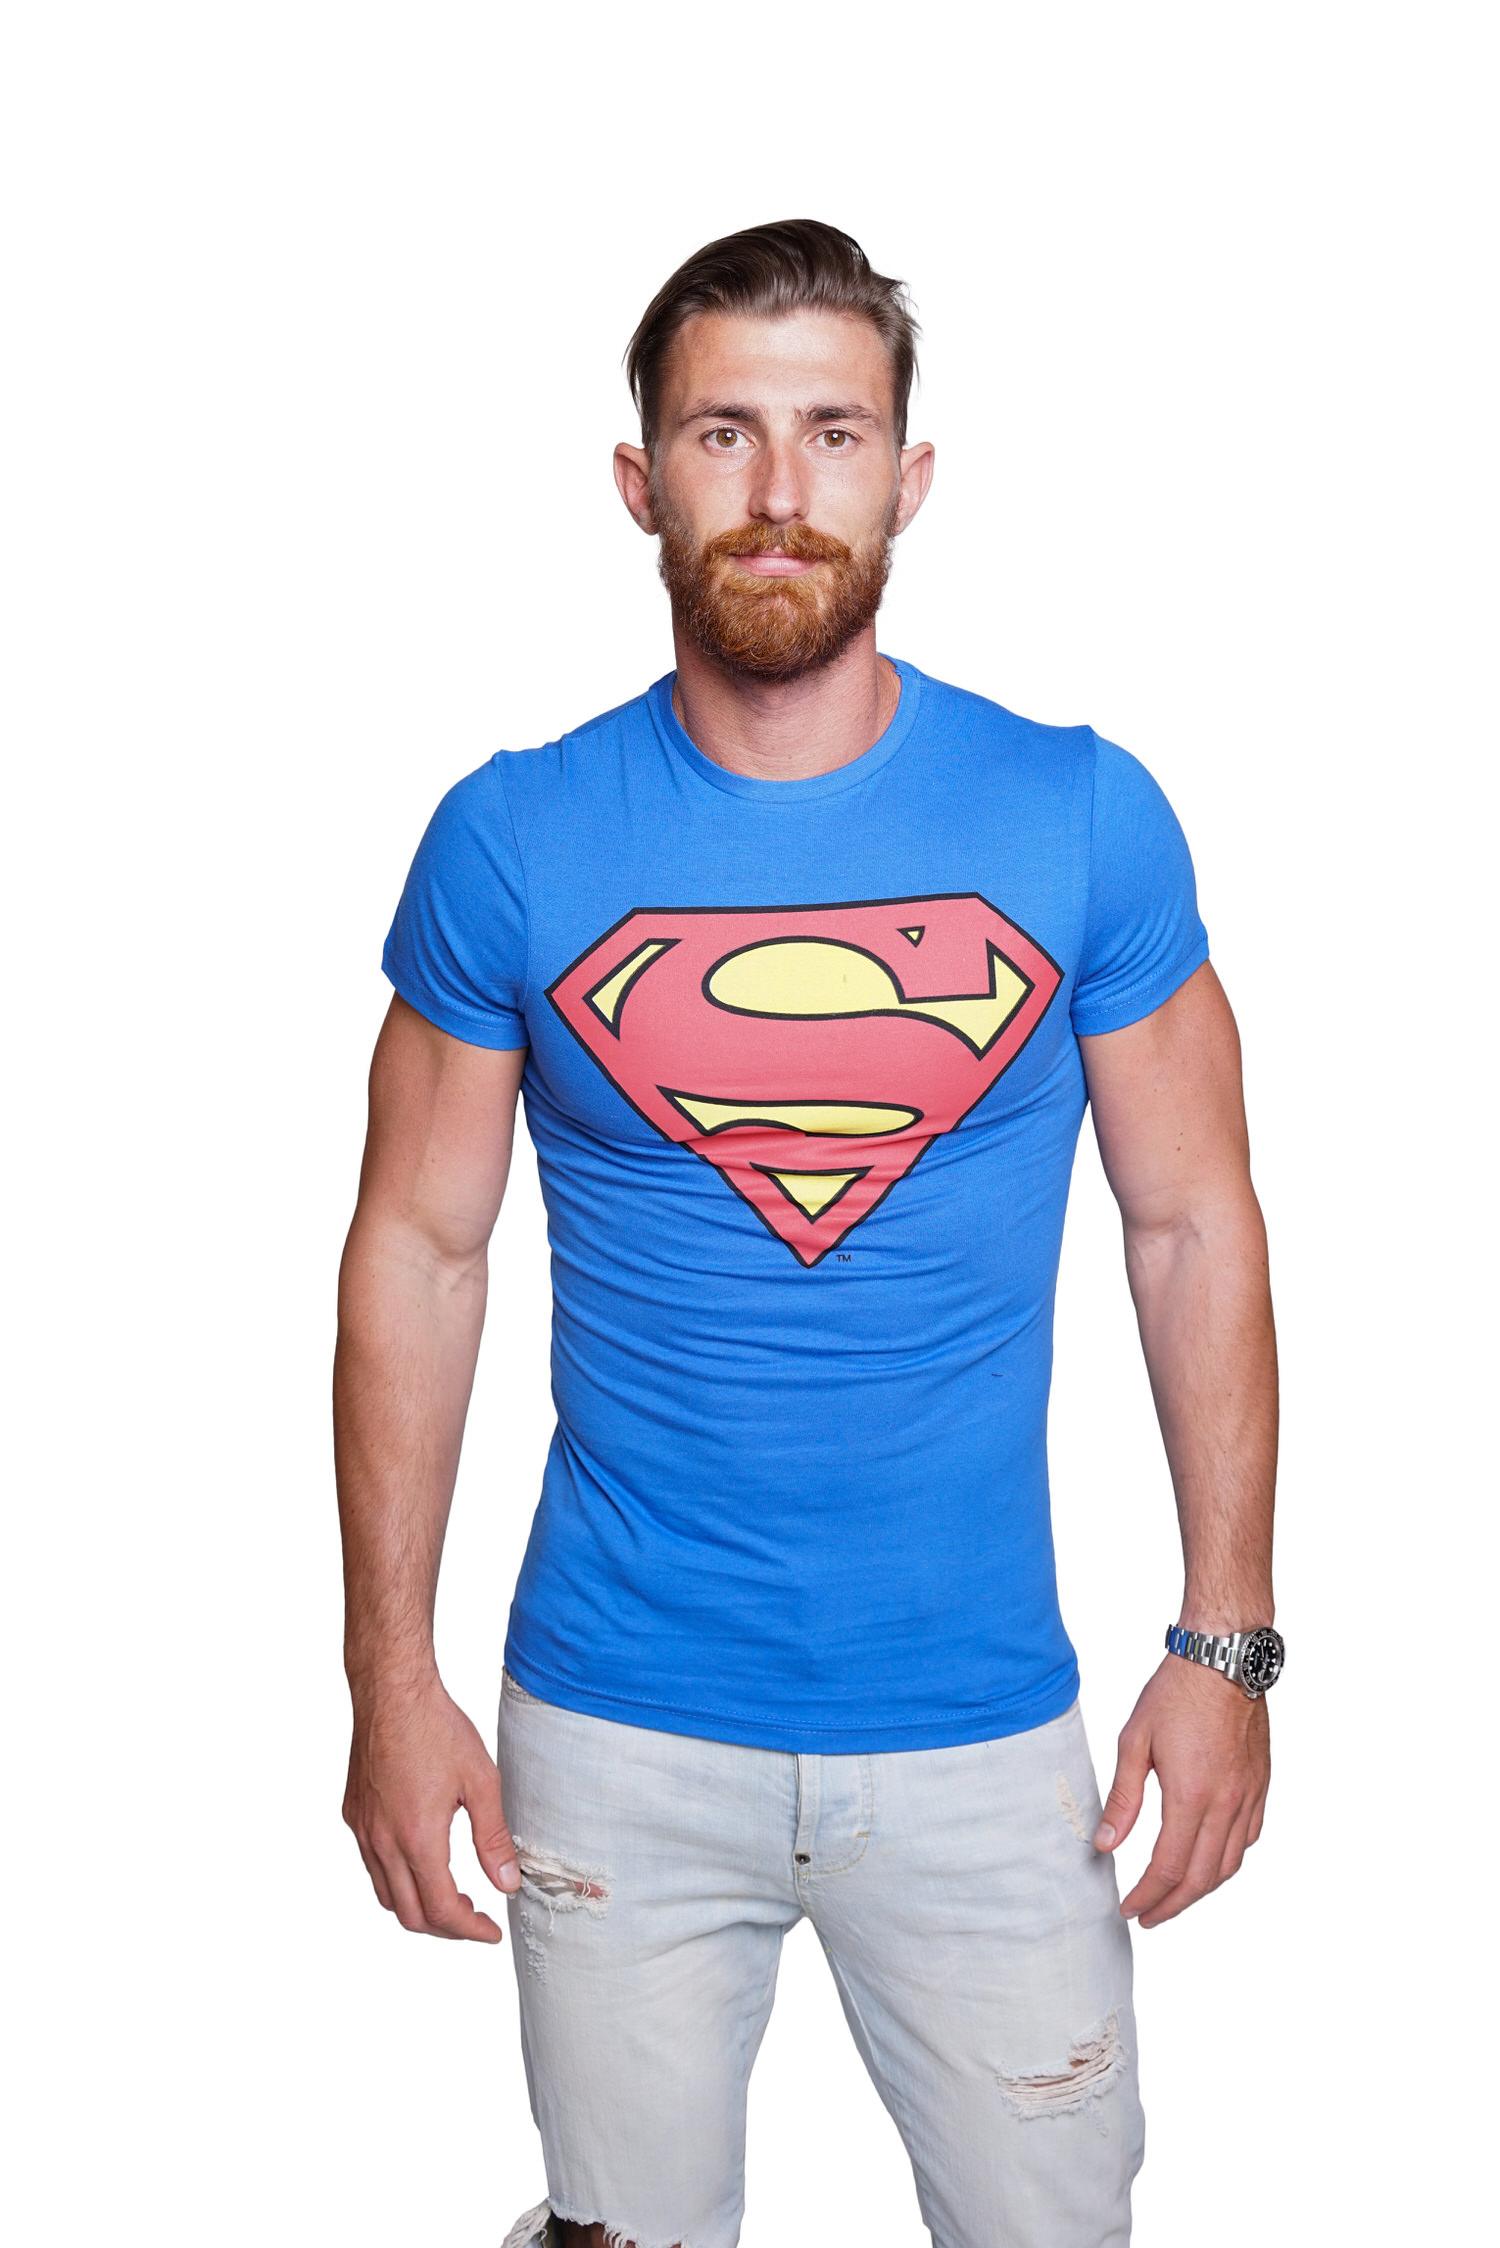 Course-Herren-Batman-Superman-T-Shirt-Comics-Hero-Held-Superheld-Rundhals-Sommer Indexbild 3